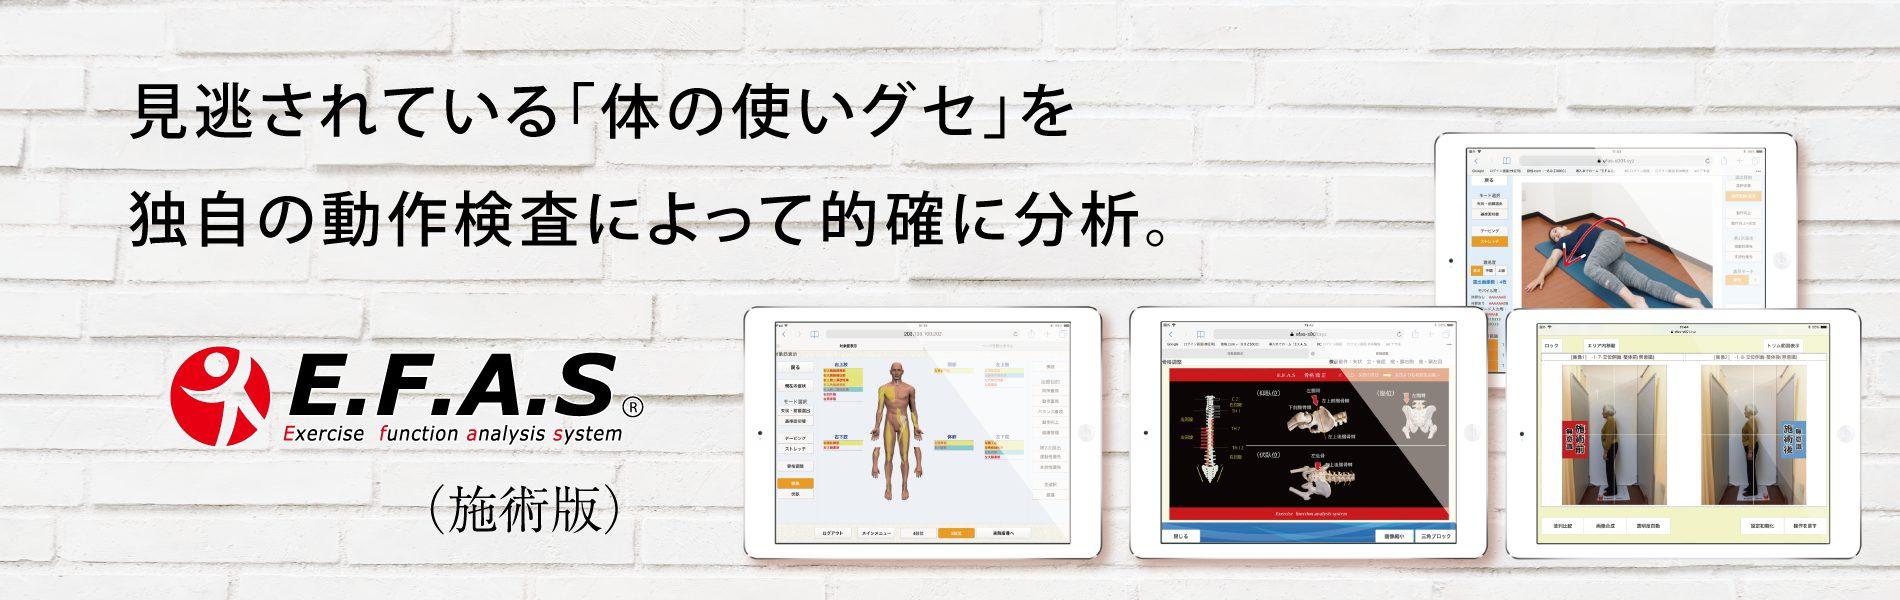 根本原因の検査 運動機能分析システム/姿勢検査/施術技術 整体院・整骨院・接骨院・リハビリなどで、腰椎ヘルニア/脊柱管狭窄症/五十肩/変形性膝関節症の早期改善と再発を予防します。運動分析は根本施術として利用される独自の施術方法です。アスリートや大学病院の医師も通われる整体技術です。自費移行や強化を目指す方は、イーファスにお任せください。